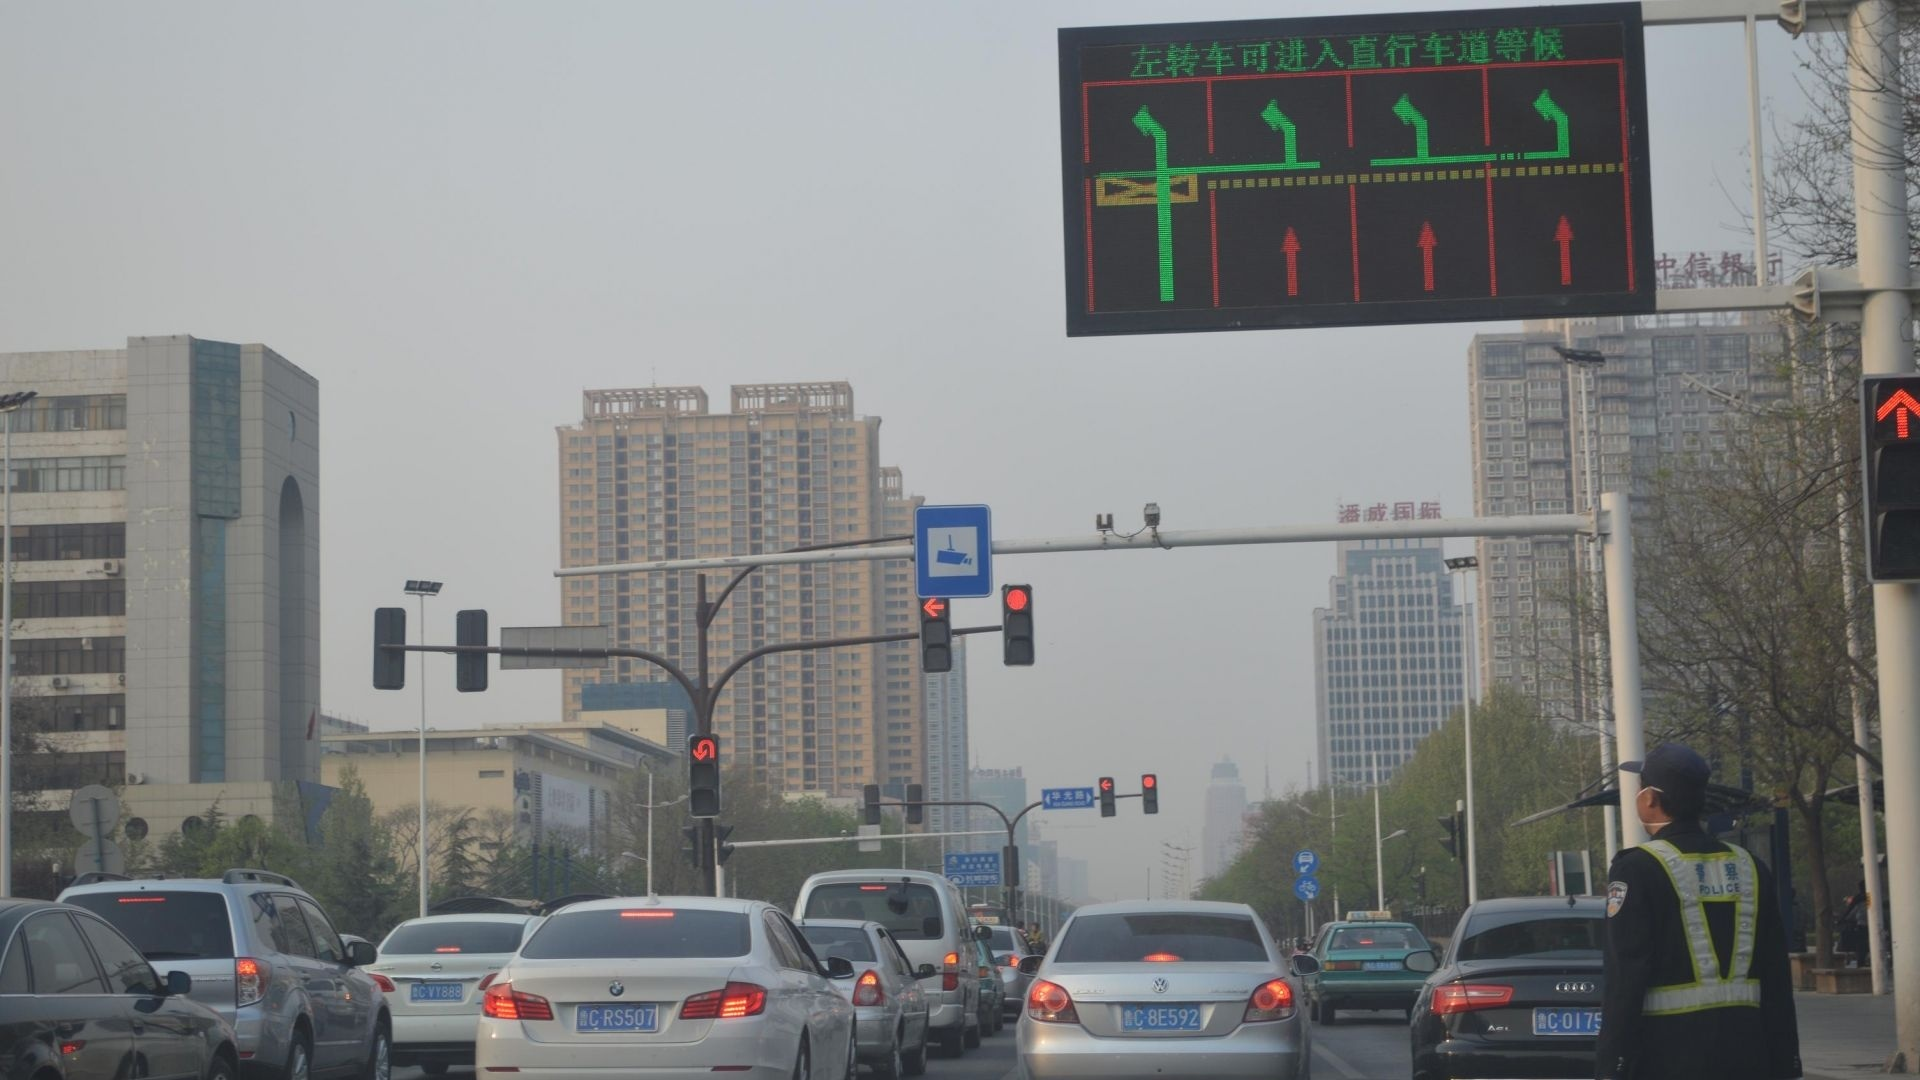 育贤路与任兴路十字路口红绿灯损坏 部门:已恢复正常